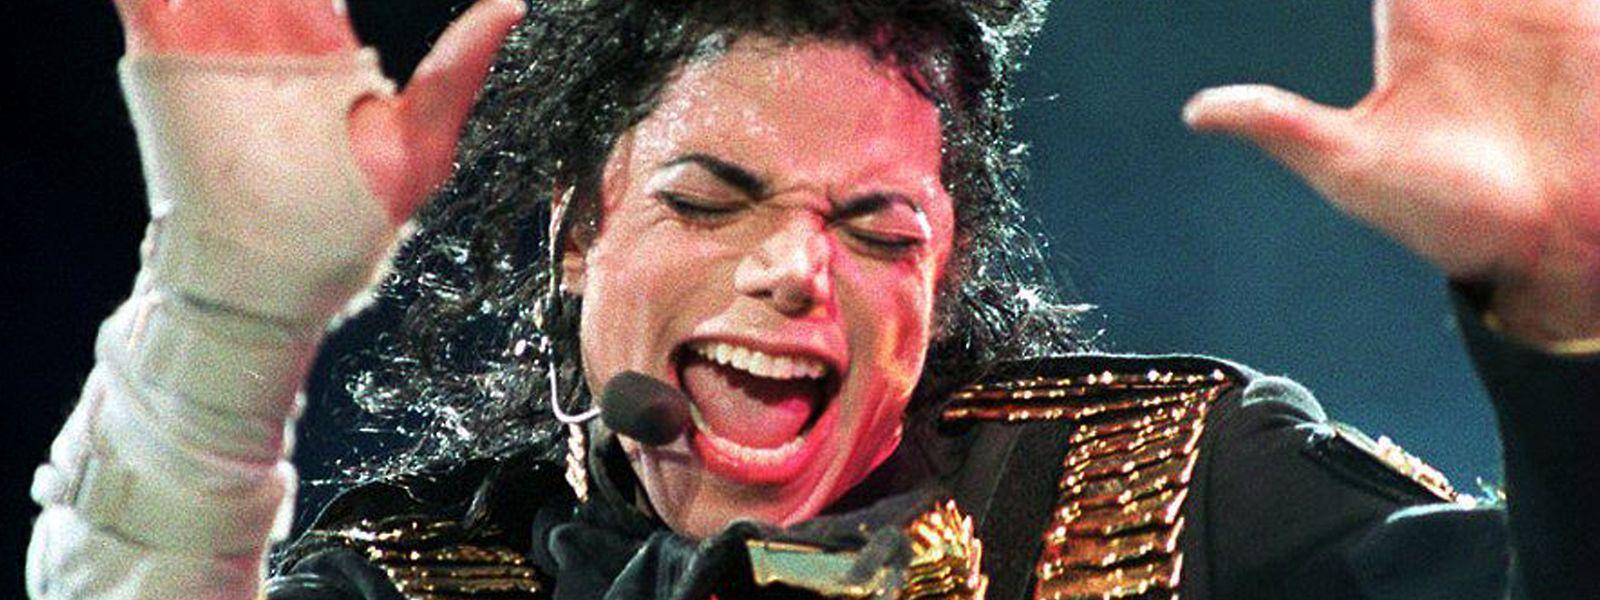 Michael Jackson lebt durch sein musikalisches Werk, das sich nicht dadurch schmälern lässt, dass der Mensch Michael Jackson vermutlich ein schlimmer Missetäter, ein Verbrecher und Kinderschänder war.